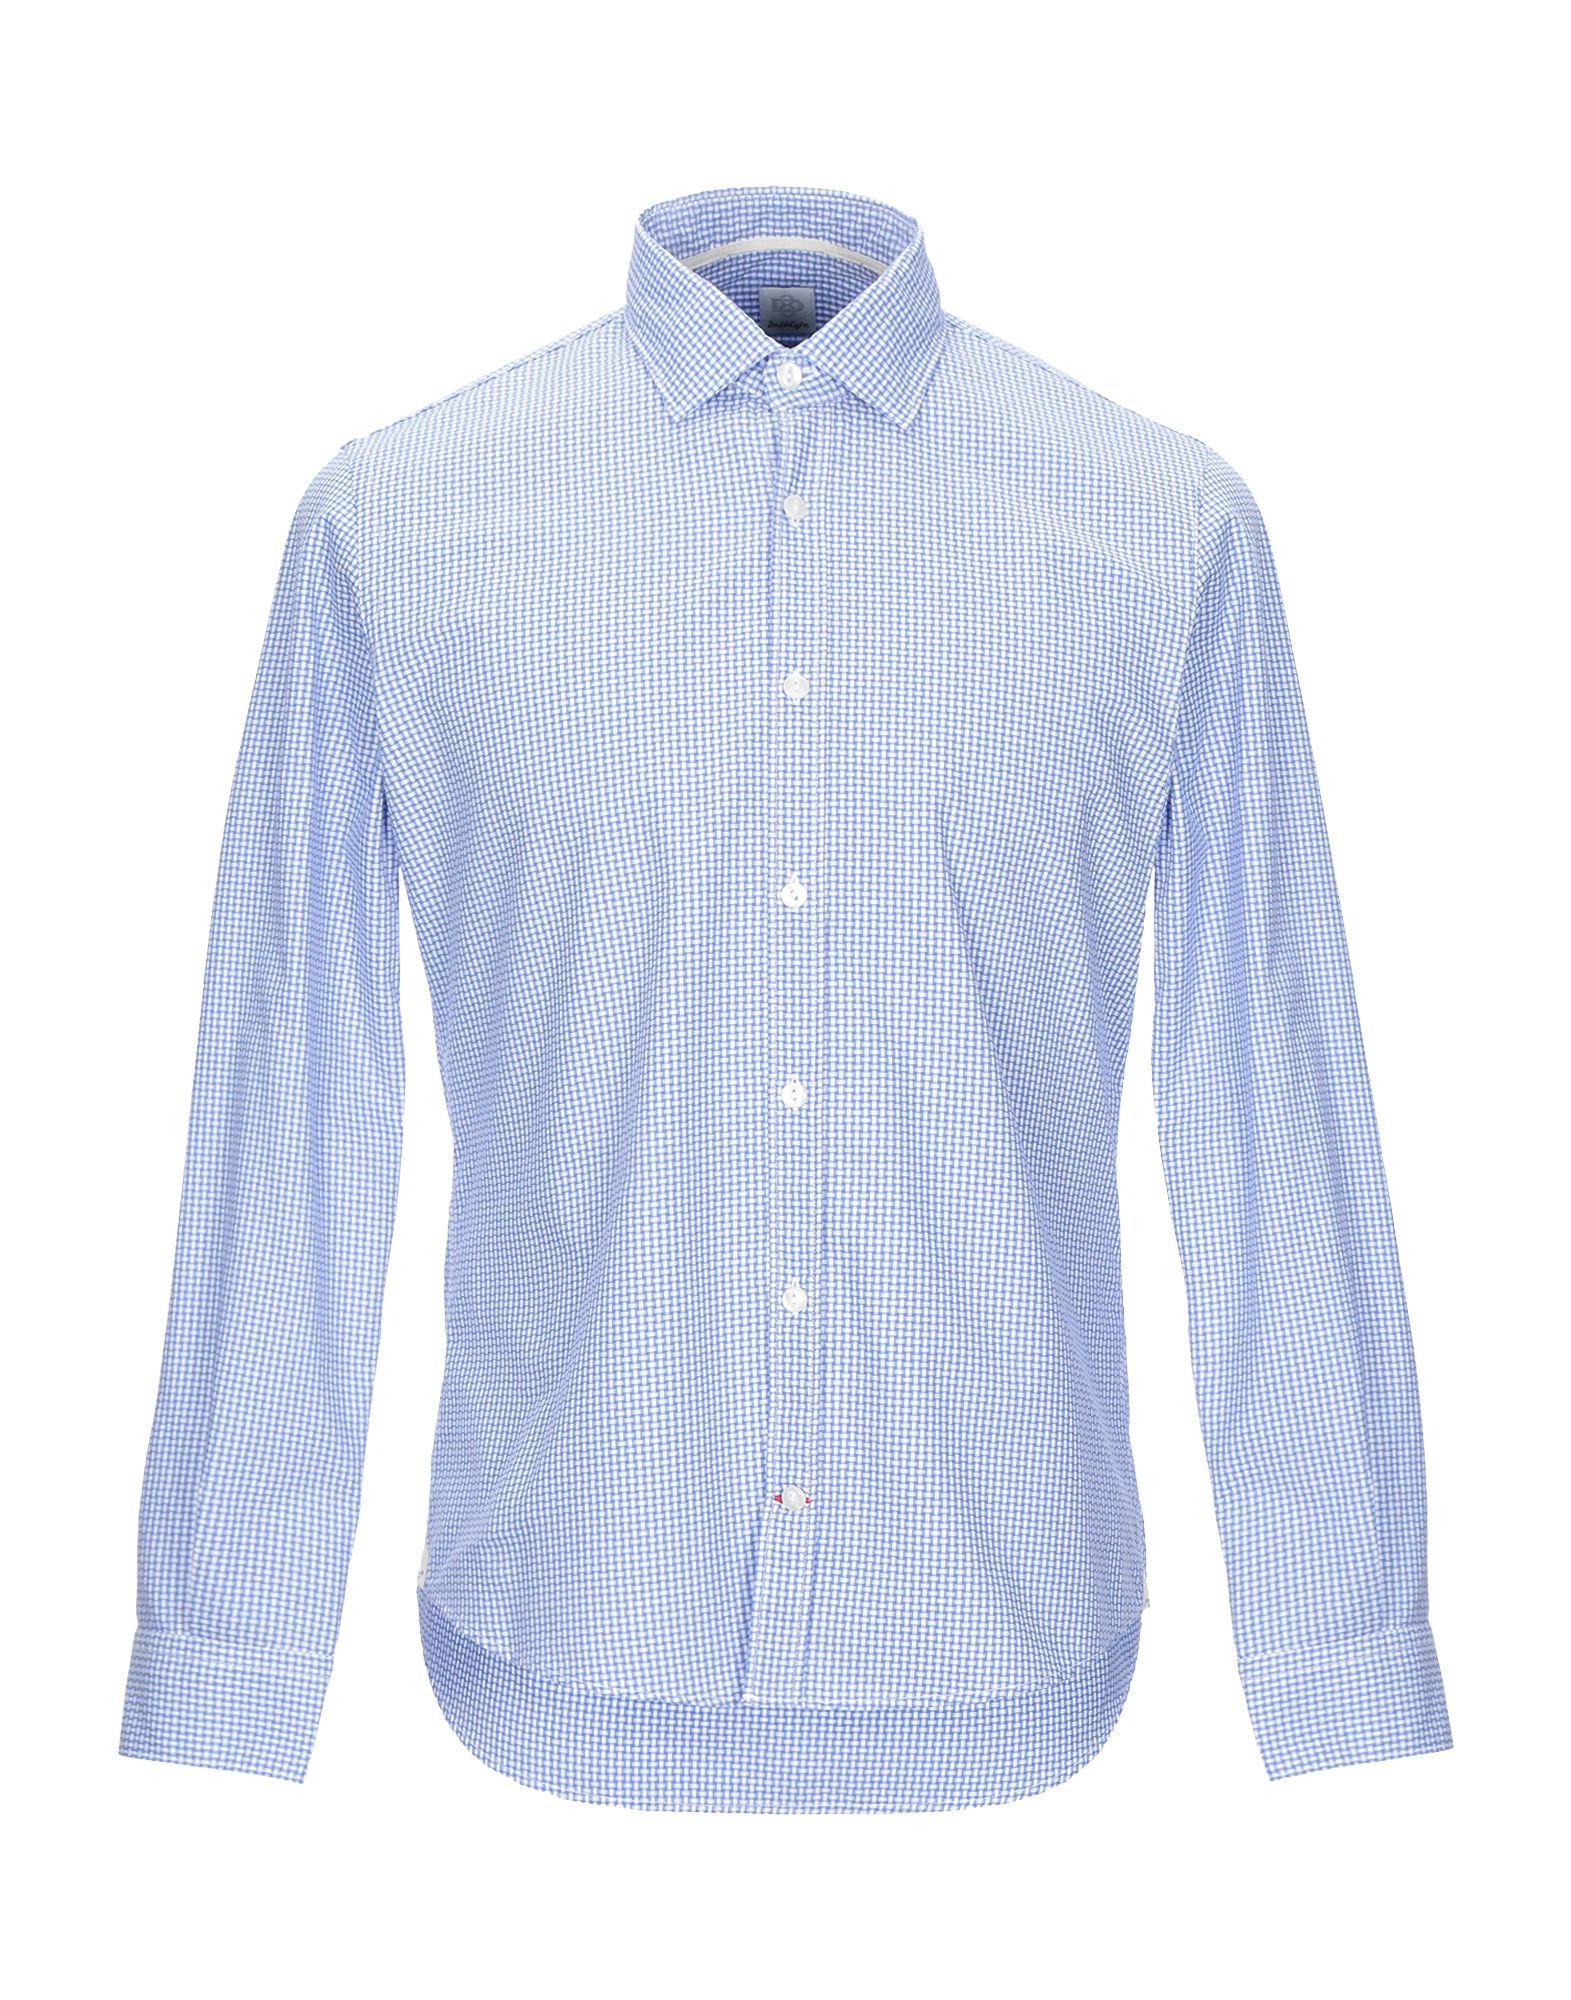 《期間限定セール開催中!》DOUBLE EIGHT メンズ シャツ ブルー S コットン 100%